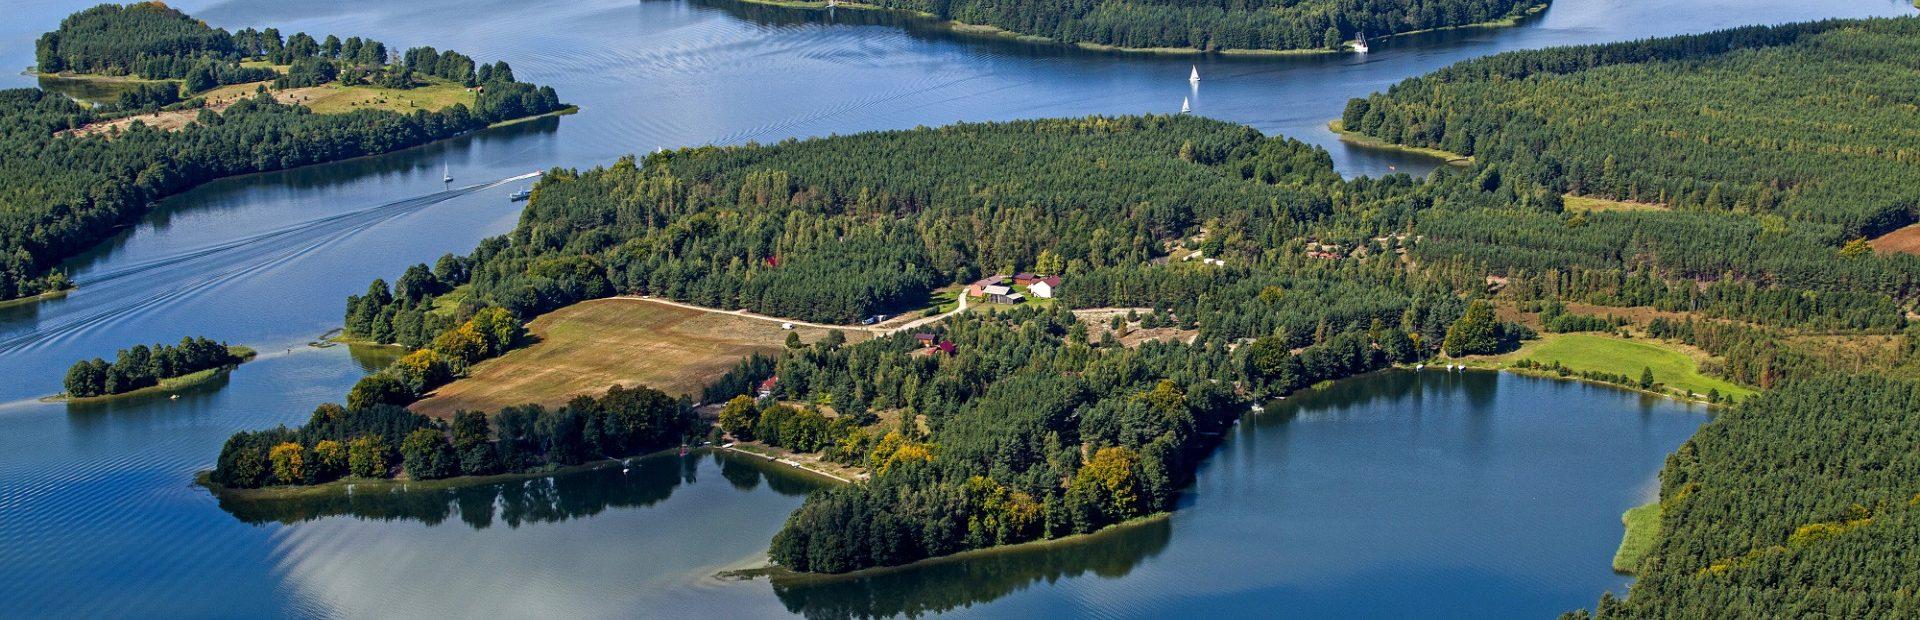 Wdzydzki Park Krajobrazowy – nature trails